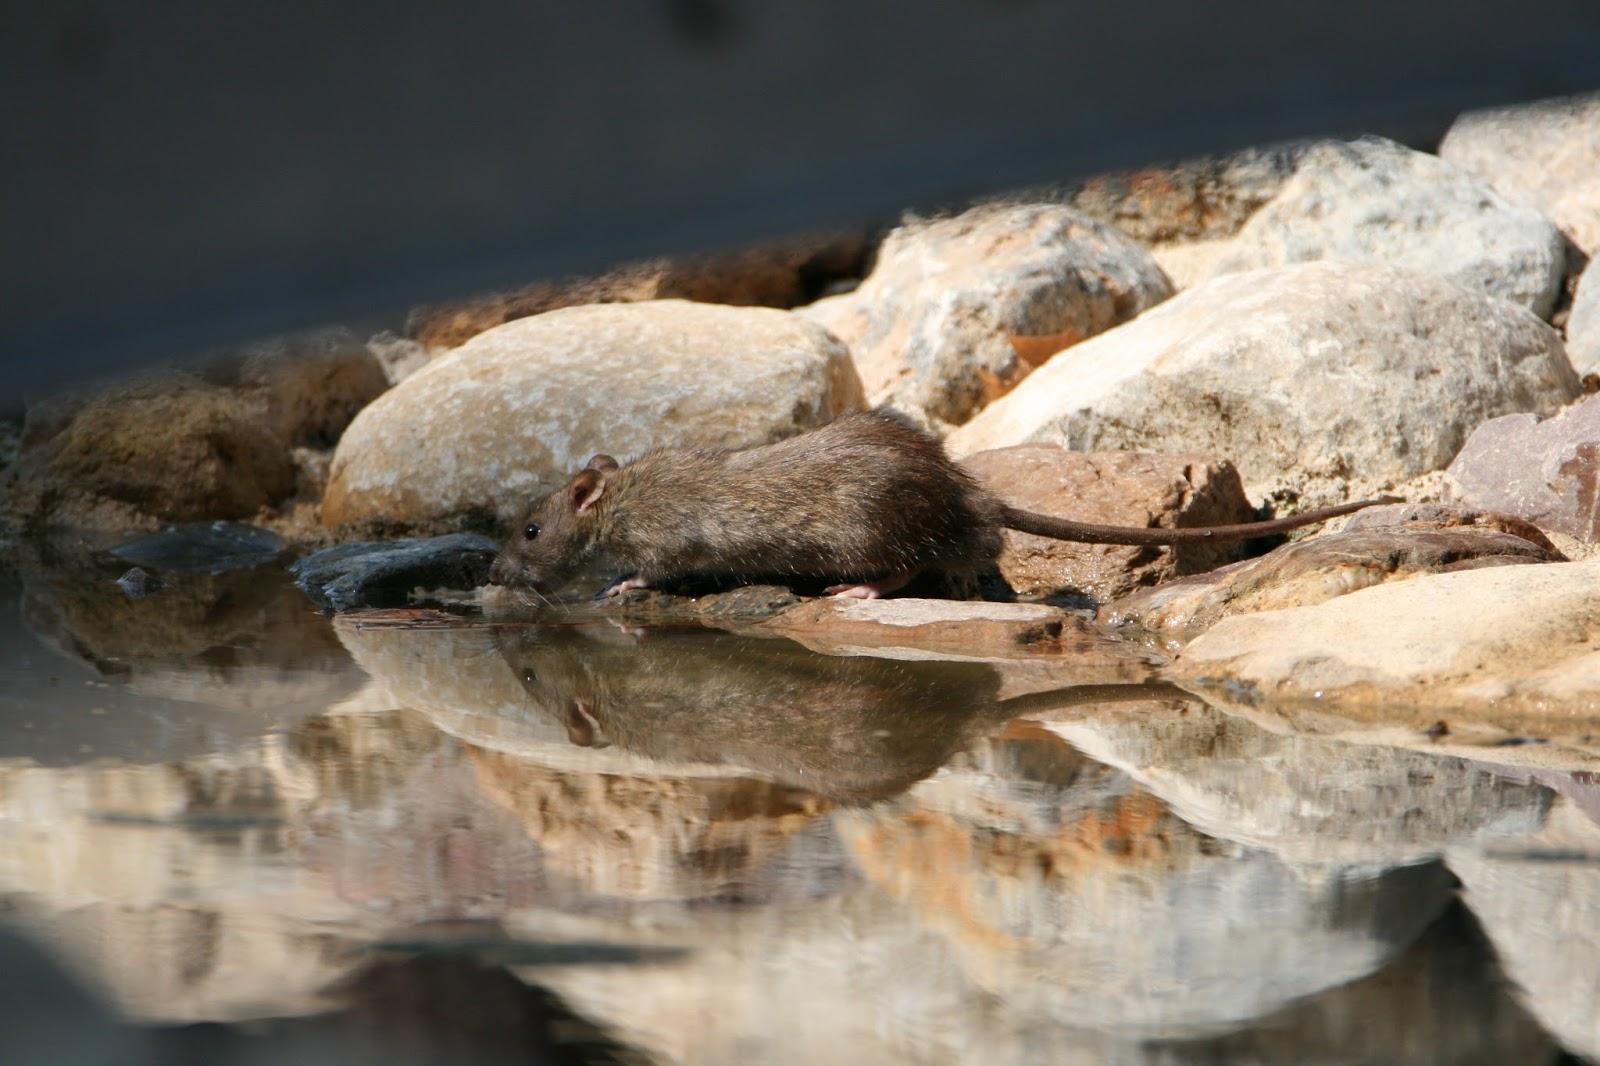 Pajaricos de murcia ratas en el jard n de la seda for Ahuyentar ratas jardin